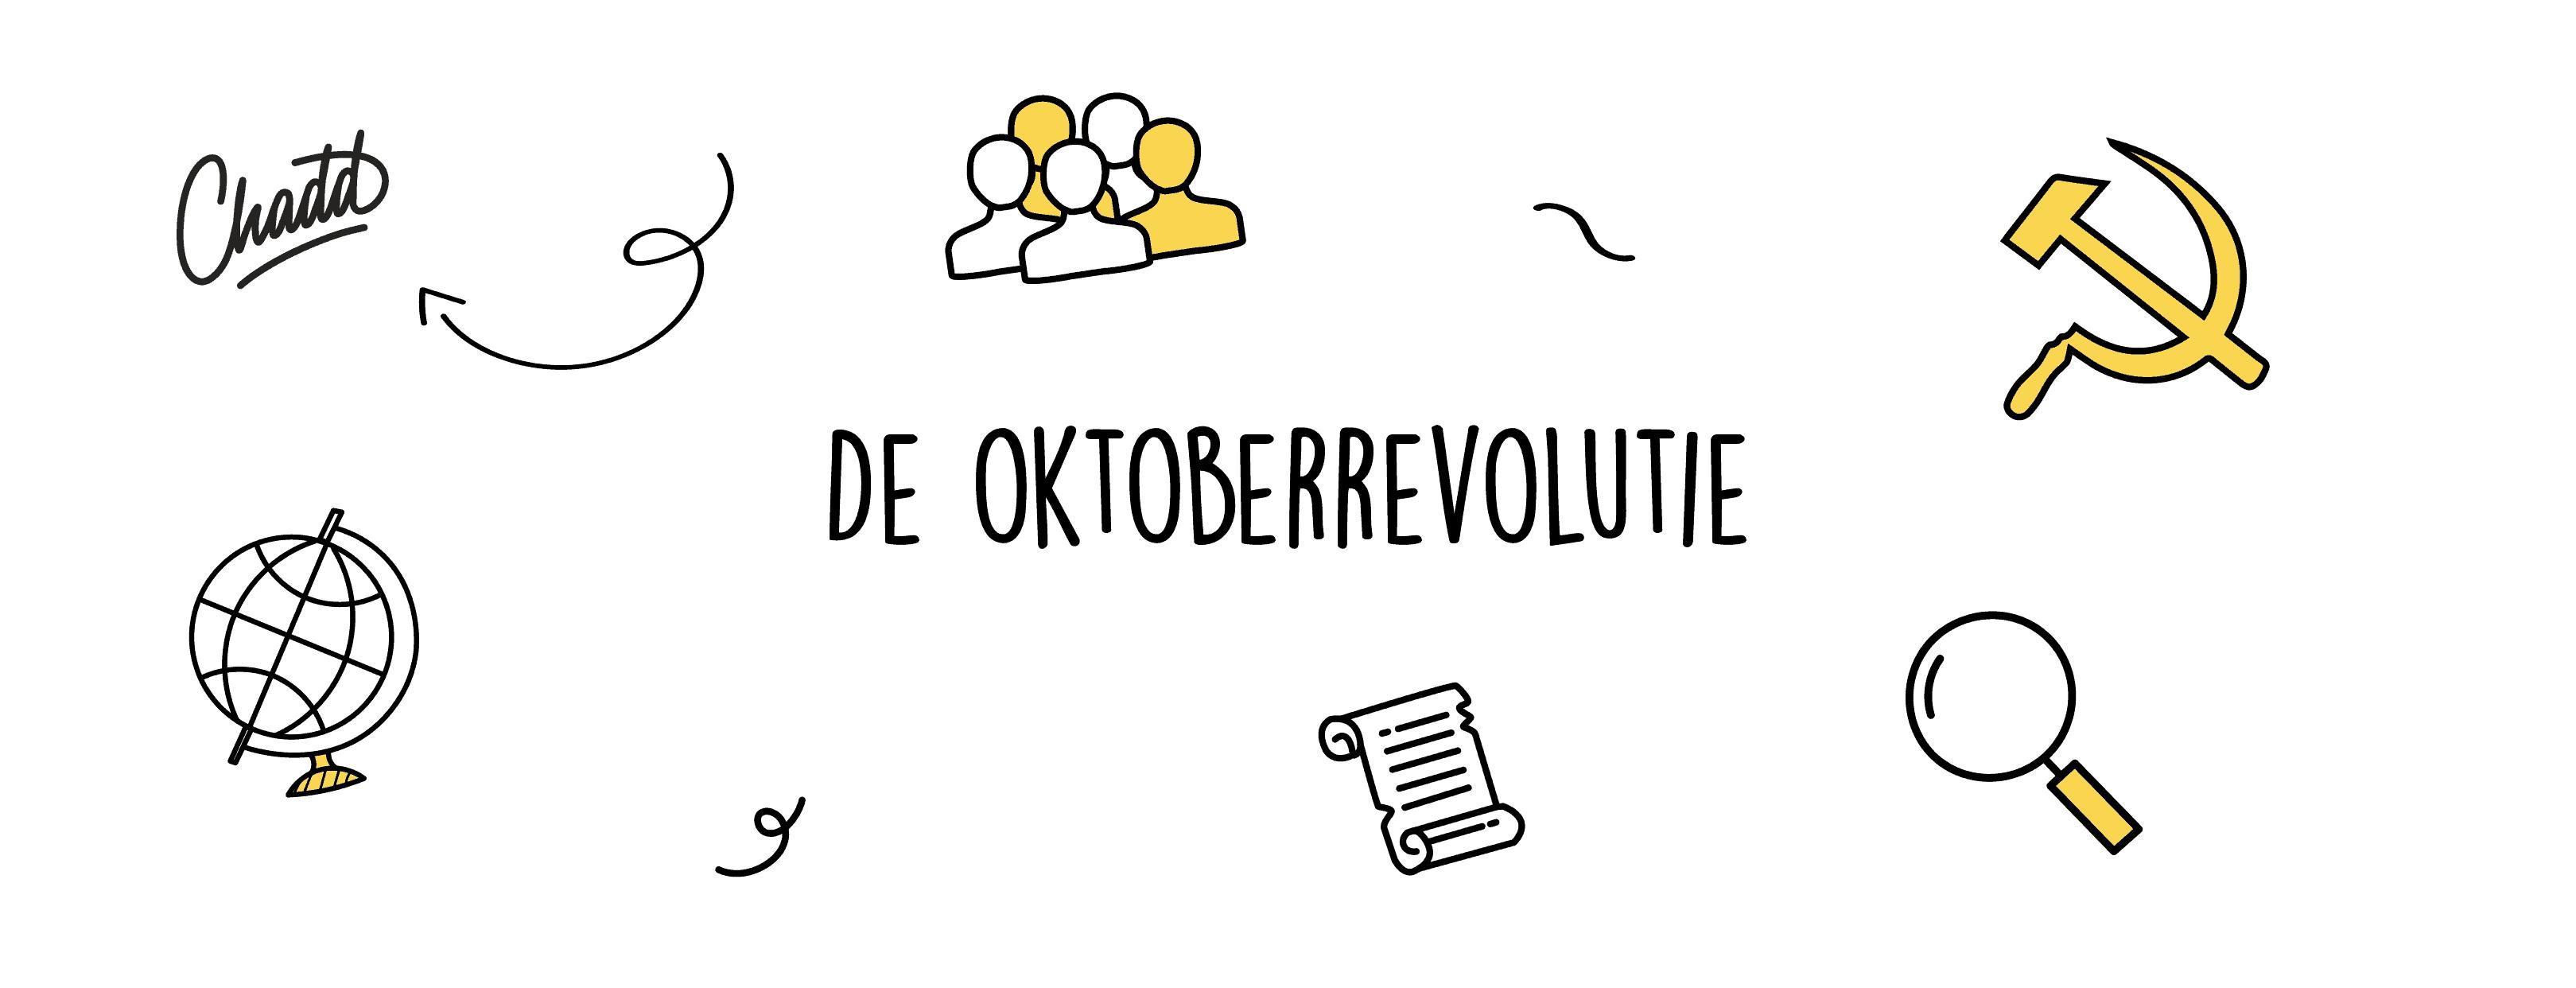 De oktoberrevolutie